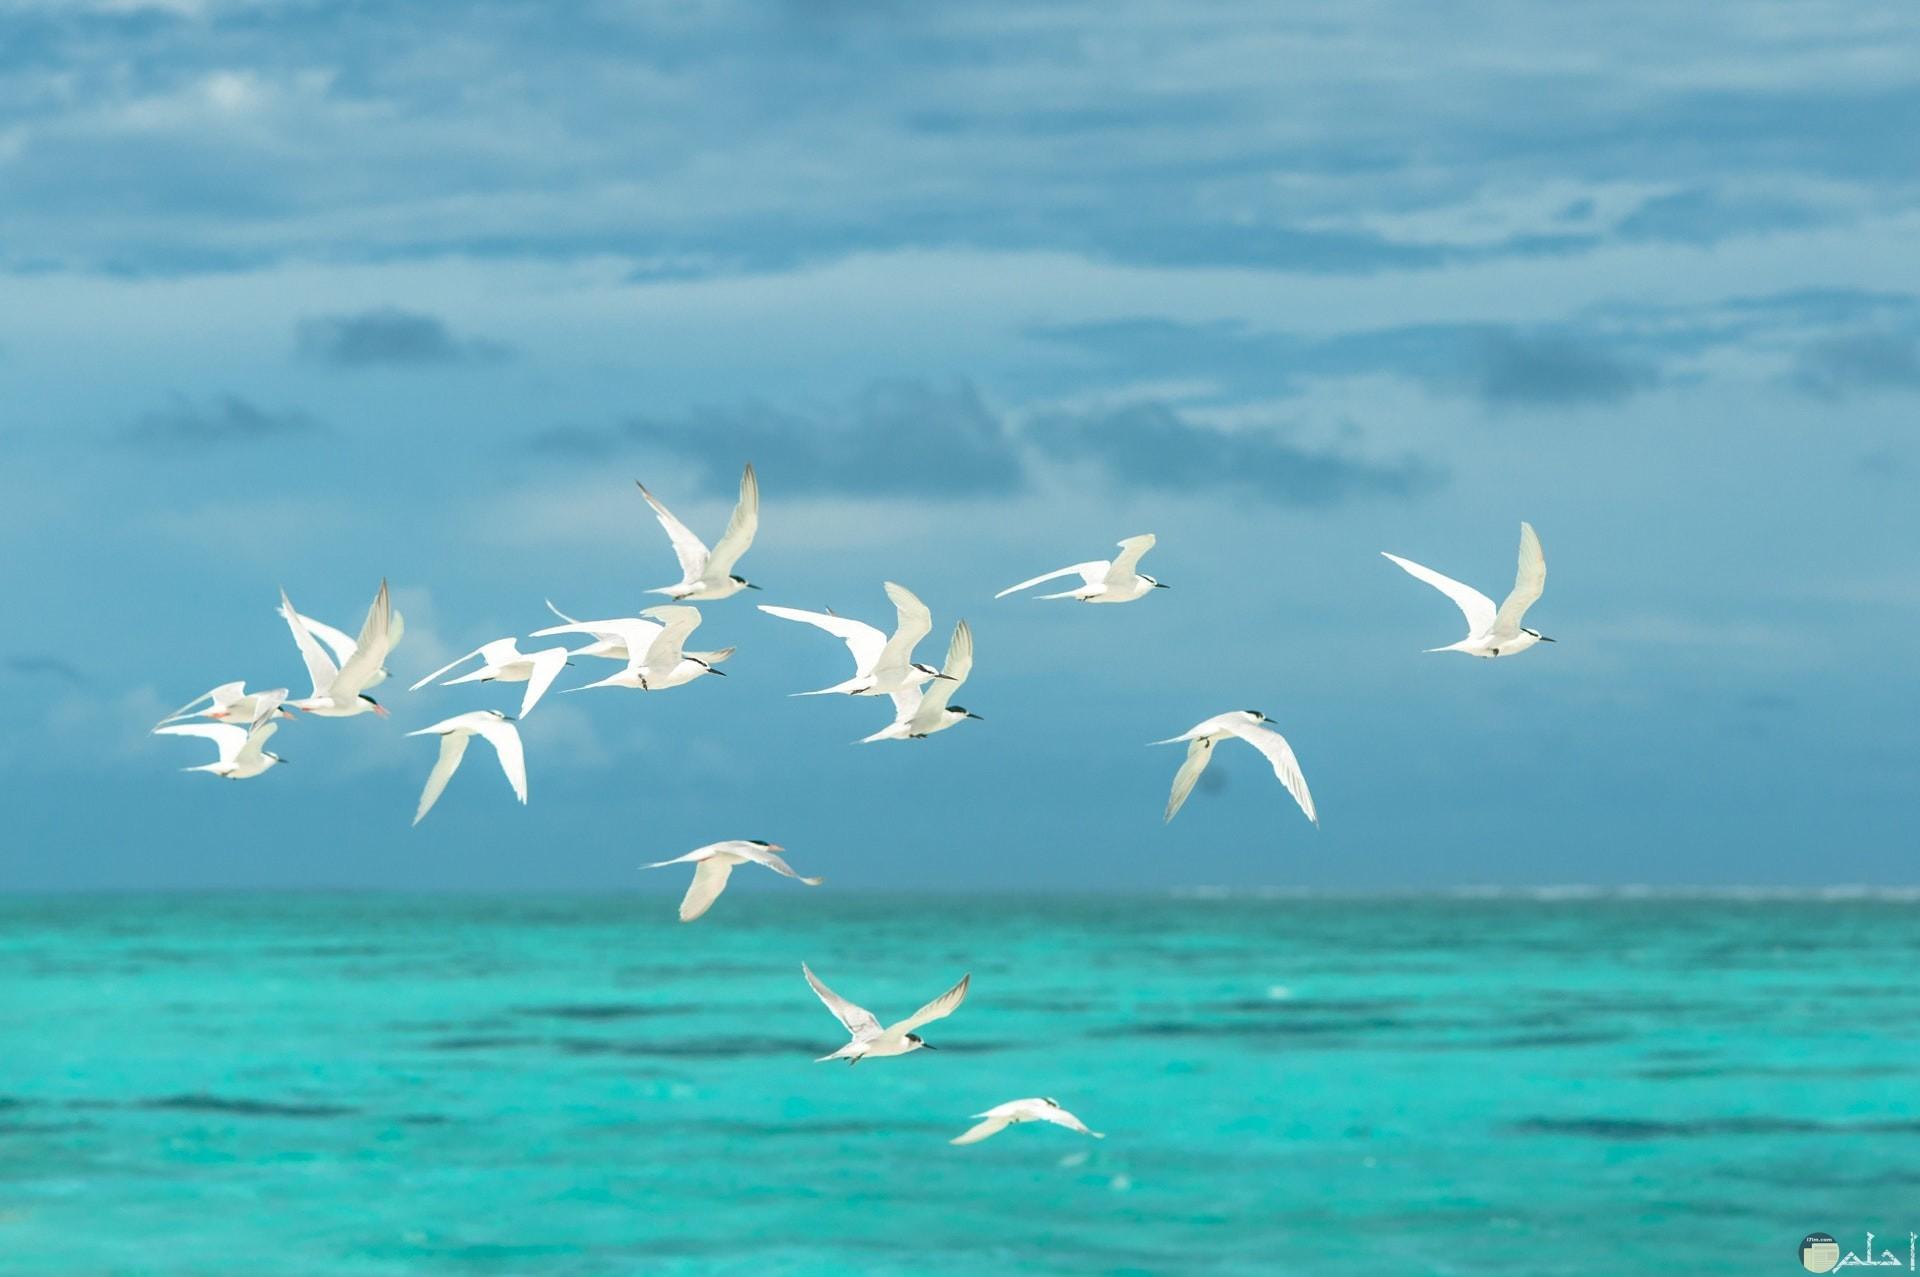 طيور البحر تحلق فى السماء